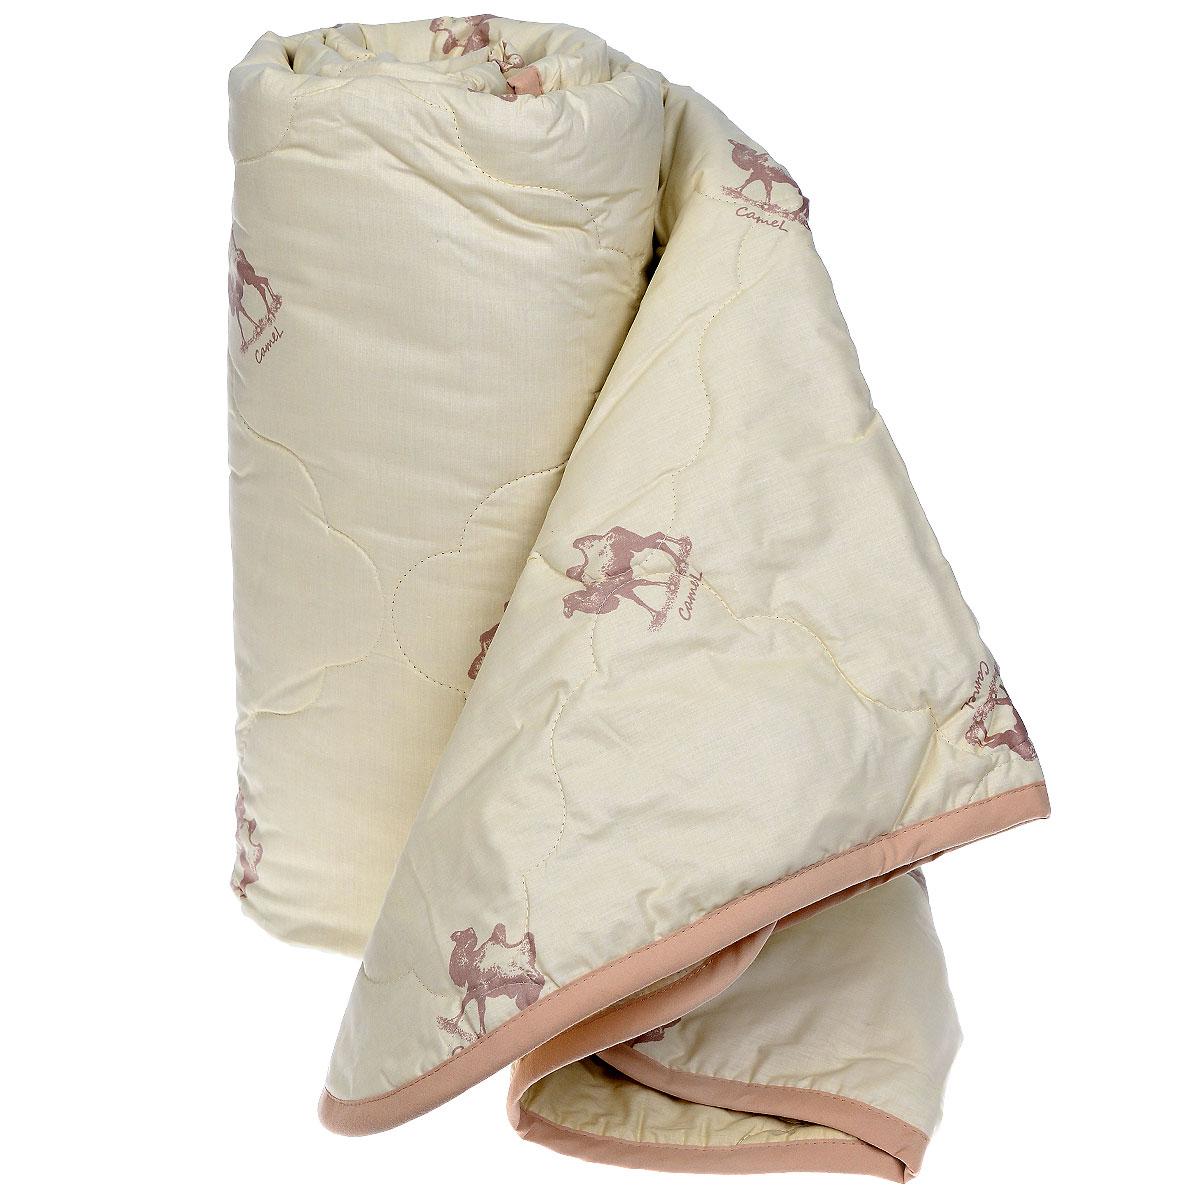 Одеяло Sova & Javoronok, наполнитель: верблюжья шерсть, цвет: бежевый, 172 см х 205 см96281375Чехол одеяла Sova & Javoronok выполнен из высококачественного плотного материала тик (100% хлопок). Наполнитель одеяла изготовлен из верблюжьей шерсти. Стежка надежно удерживает наполнитель внутри и не позволяет ему скатываться. Особенности наполнителя:- исключительные терморегулирующие свойства;- высокое качество прочеса и промывки шерсти;- великолепные ощущения комфорта и уюта. Верблюжья шерсть обладает целебными качествами, содержит наиболее высокий процент ланолина (животного воска), который является природным антисептиком и благоприятно воздействует на организм по целому ряду показателей: оказывает благотворное действие на мышцы, суставы, позвоночник, нормализует кровообращение, имеет профилактический эффект при заболевания опорно-двигательного аппарата. Кроме того, верблюжья шерсть антистатична. Шерсть верблюда сохраняет прохладу в период жаркого лета и удерживает тепло во время суровой зимы. Одеяло упакована в прозрачный пластиковый чехол на змейке с ручкой, что является чрезвычайно удобным при переноске.Рекомендации по уходу:- Стирка запрещена,- Нельзя отбеливать. При стирке не использовать средства, содержащие отбеливатели (хлор),- Не гладить. Не применять обработку паром,- Химчистка с использованием углеводорода, хлорного этилена,- Нельзя выжимать и сушить в стиральной машине. Размер одеяла: 172 см х 205 см. Материал чехла: тик (100% хлопок). Наполнитель: 30% верблюжья шерсть; 70% полиэфирное волокно.